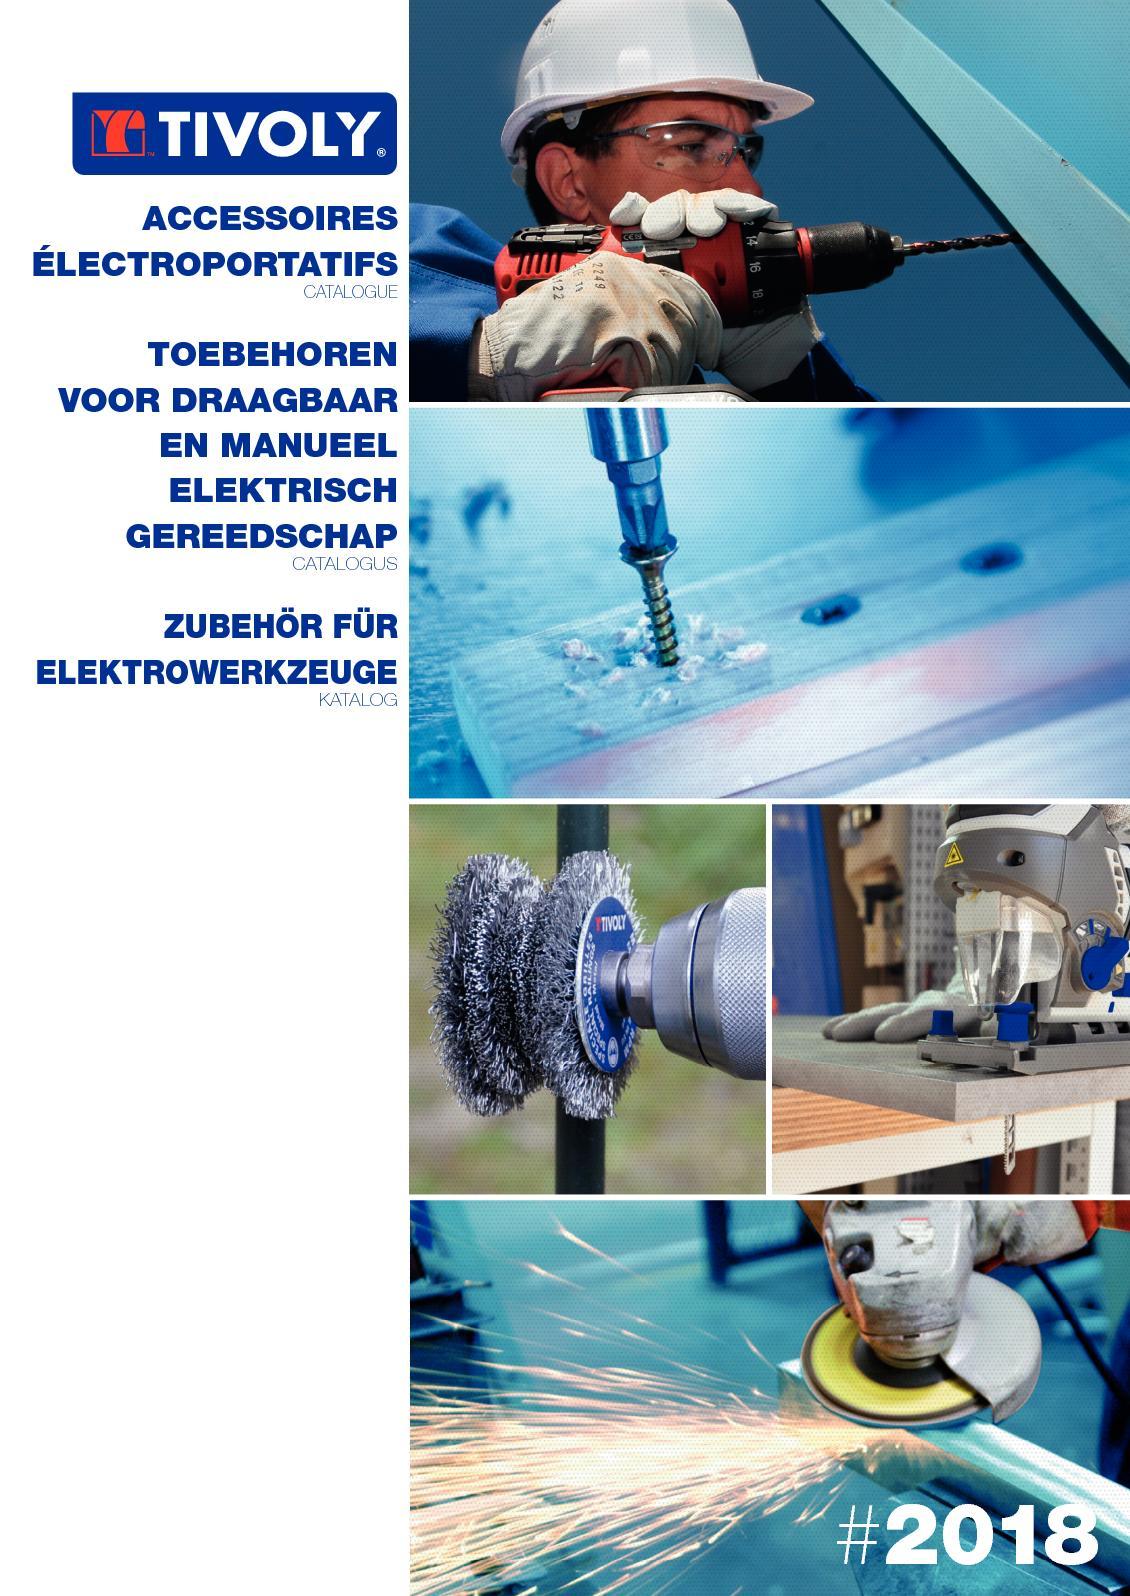 Calameo Catalogue Tivoly Accessoires Electroportatifs Fr Nl De 2018